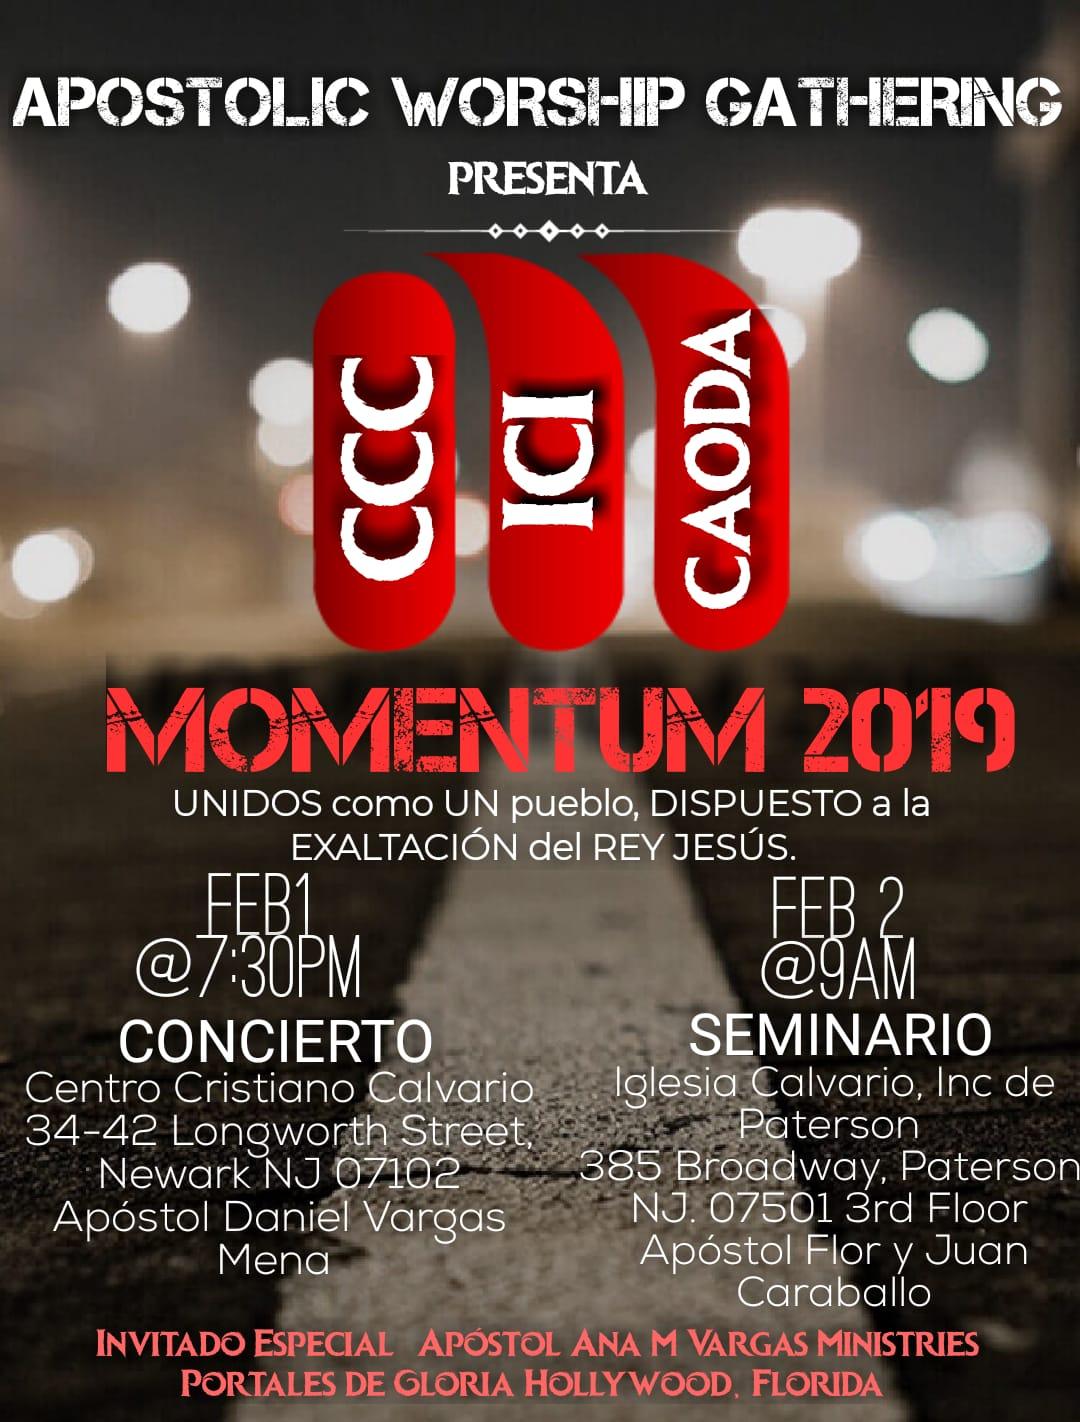 Momentum2019